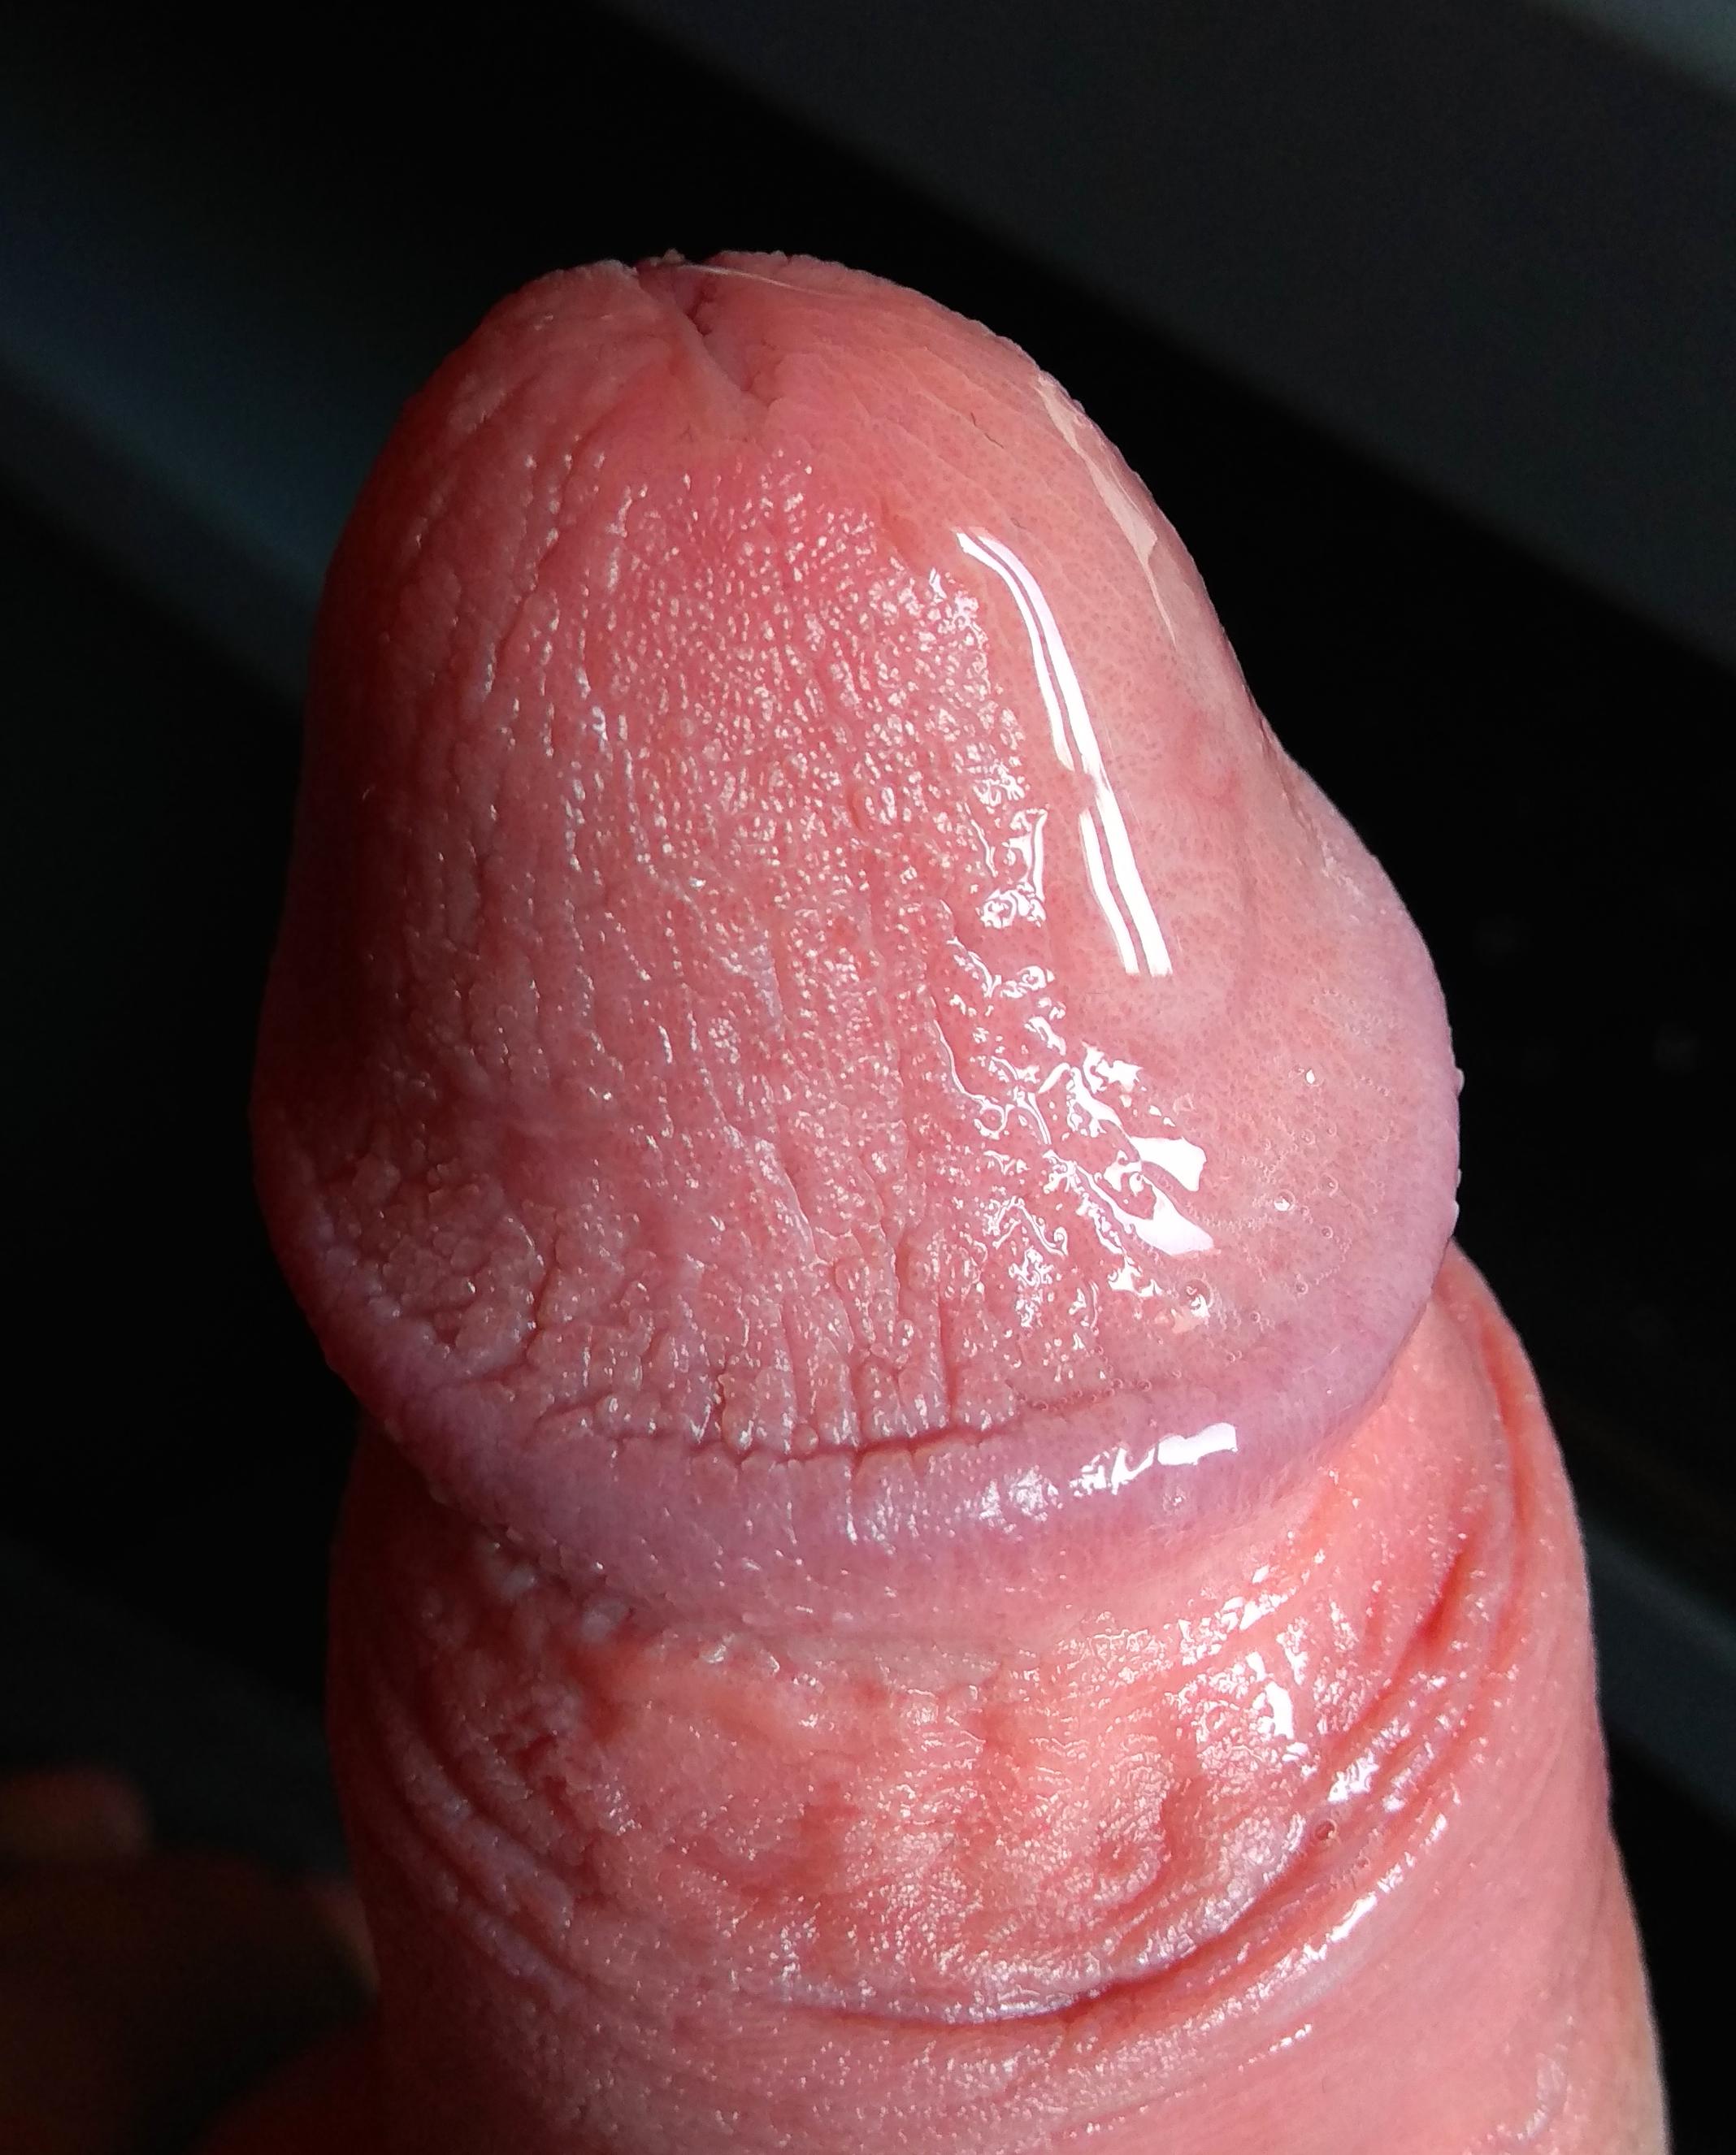 férfi pénisz izgatott